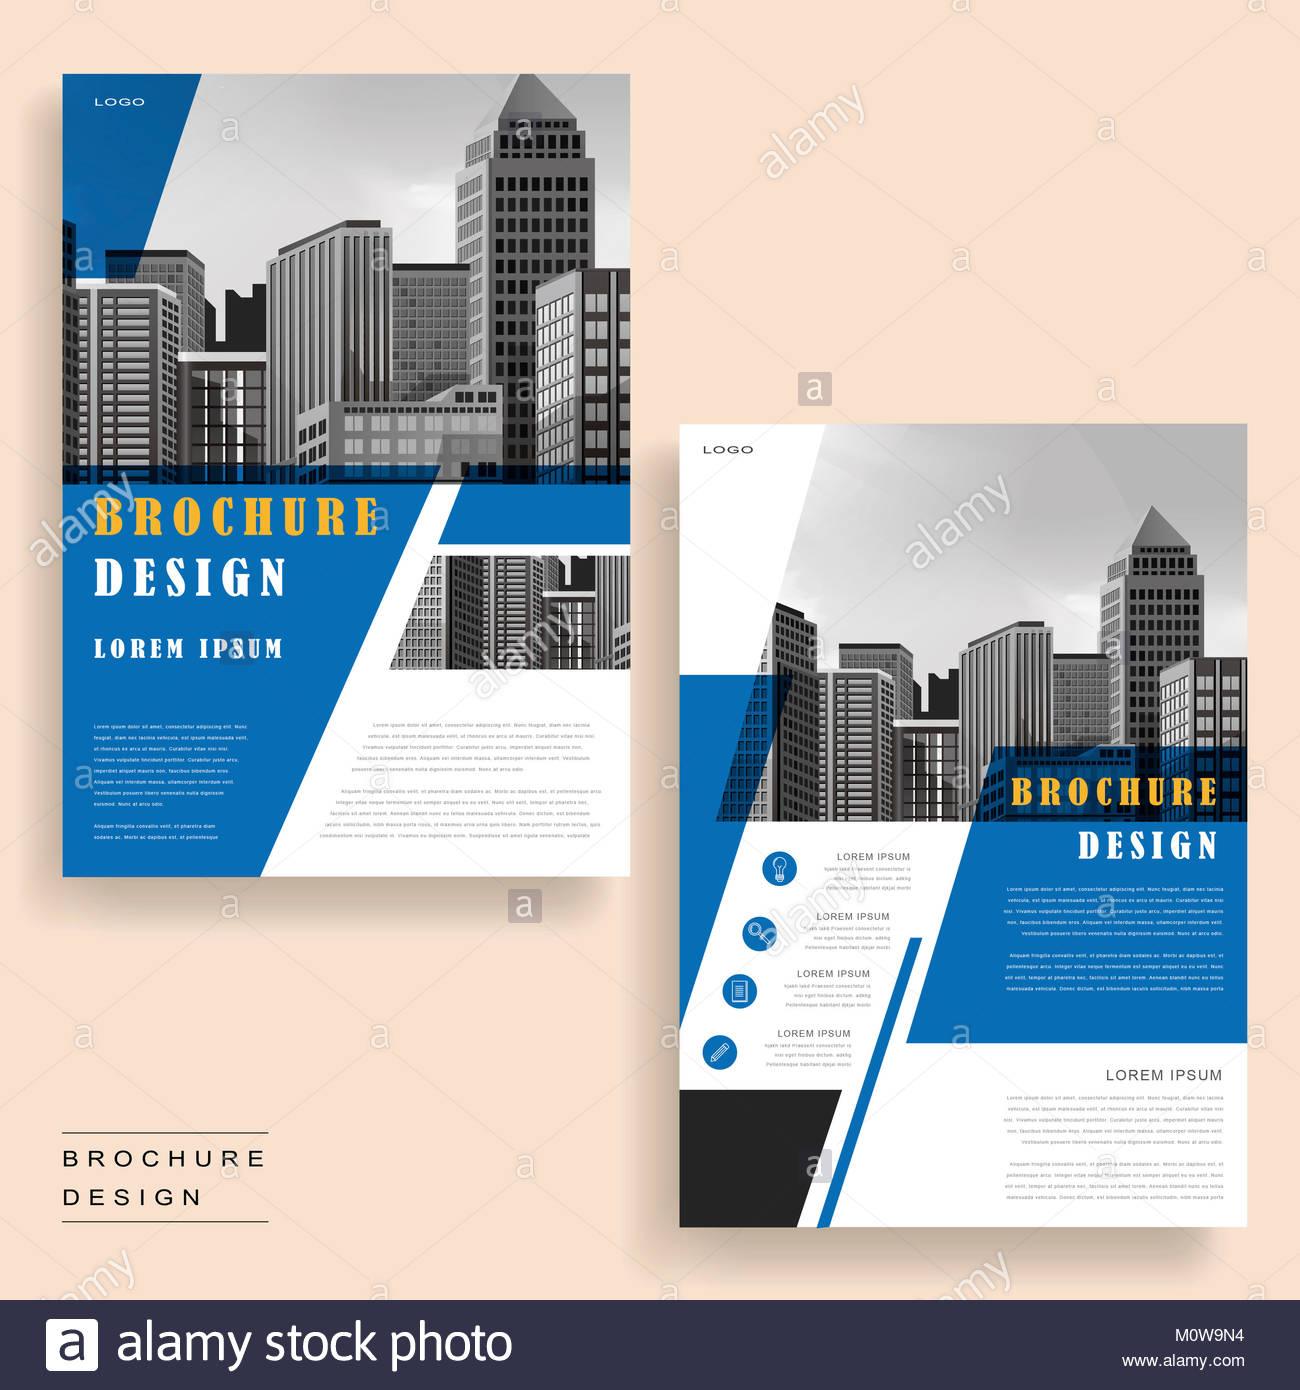 Brochure Contemporary Imágenes De Stock & Brochure Contemporary ...